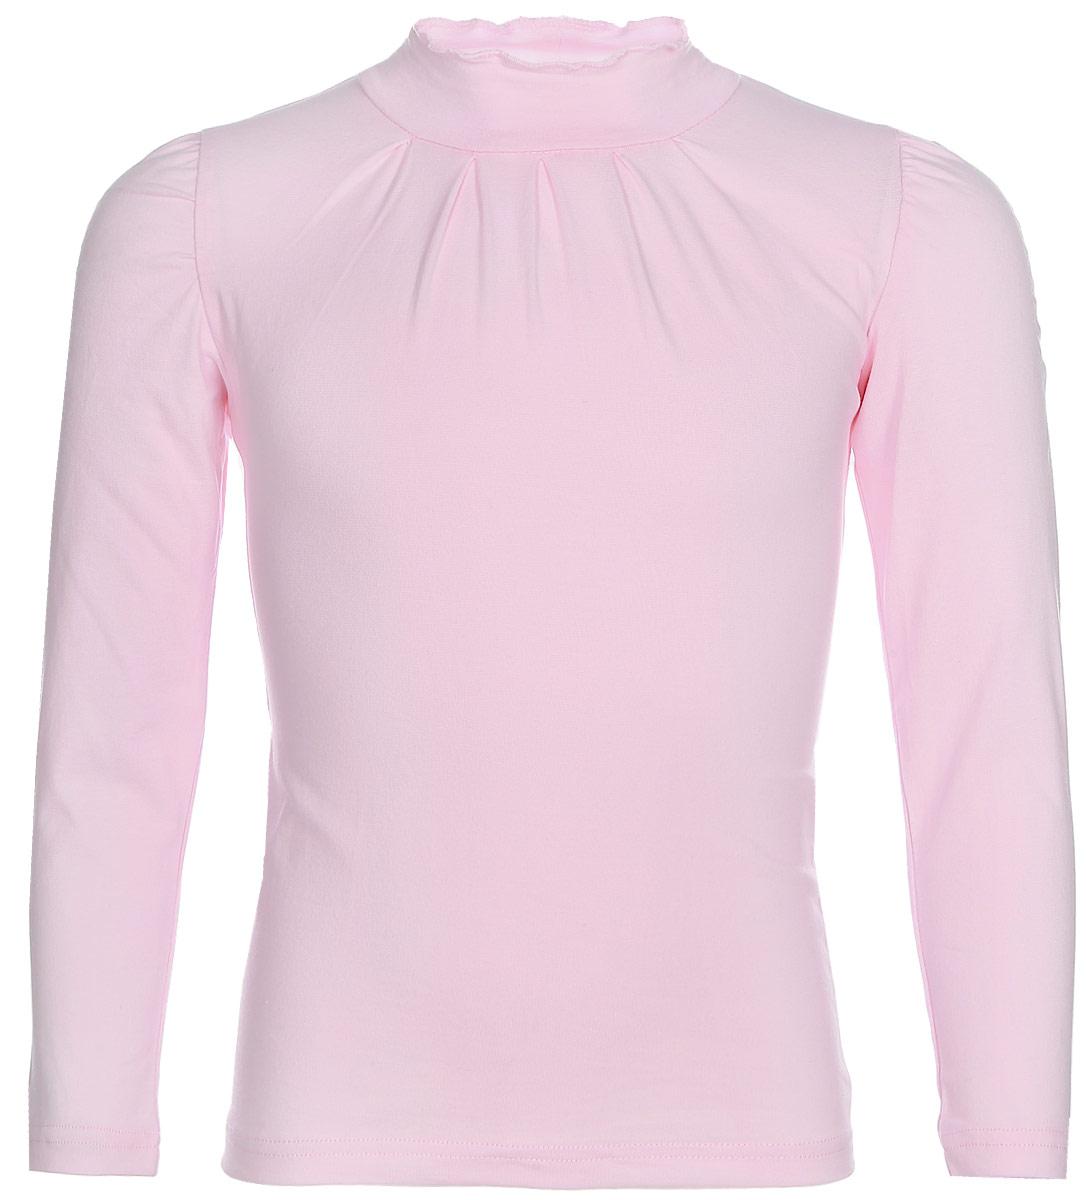 Водолазка для девочки LeadGen, цвет: розовый. G935007016-172. Размер 170G935007016-172Водолазка для девочки LeadGen выполнена из эластичного хлопкового трикотажа. Модель с длинными рукавами и невысоким воротником-стойкой. От линии горловины заложены небольшие складочки.